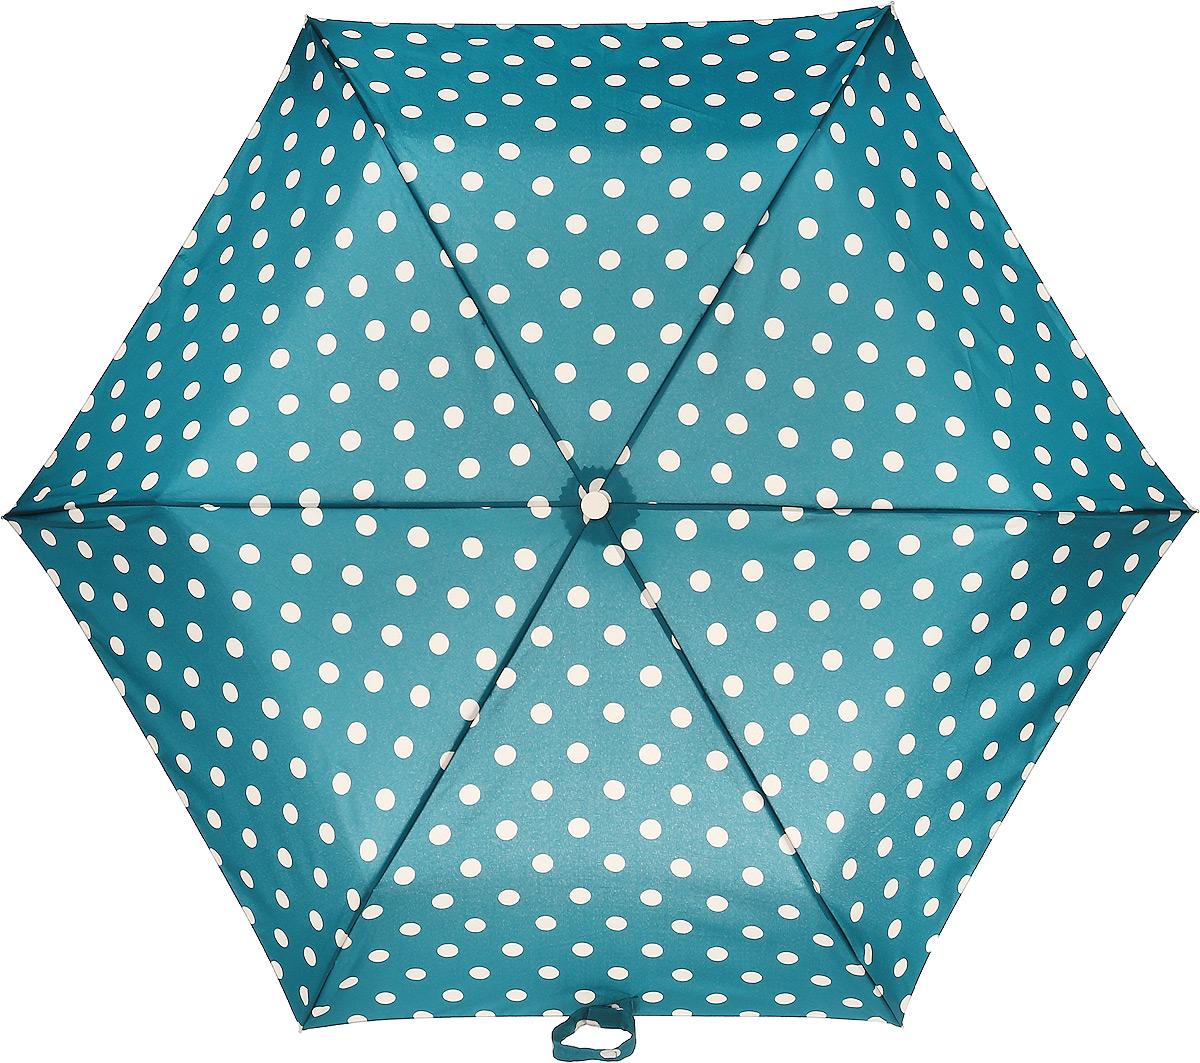 Зонт женский Fulton, механический, 3 сложения, цвет: зеленый, бежевый. L768-3234L768-3234 ButtonSpotRichGreenСтильный механический зонт Fulton имеет 3 сложения, даже в ненастную погоду позволит вам оставаться стильной. Легкий, но в тоже время прочный алюминиевый каркас состоит из шести спиц с элементами из фибергласса. Купол зонта выполнен из прочного полиэстера с водоотталкивающей пропиткой. Рукоятка закругленной формы, разработанная с учетом требований эргономики, выполнена из каучука. Зонт имеет механический способ сложения: и купол, и стержень открываются и закрываются вручную до характерного щелчка.